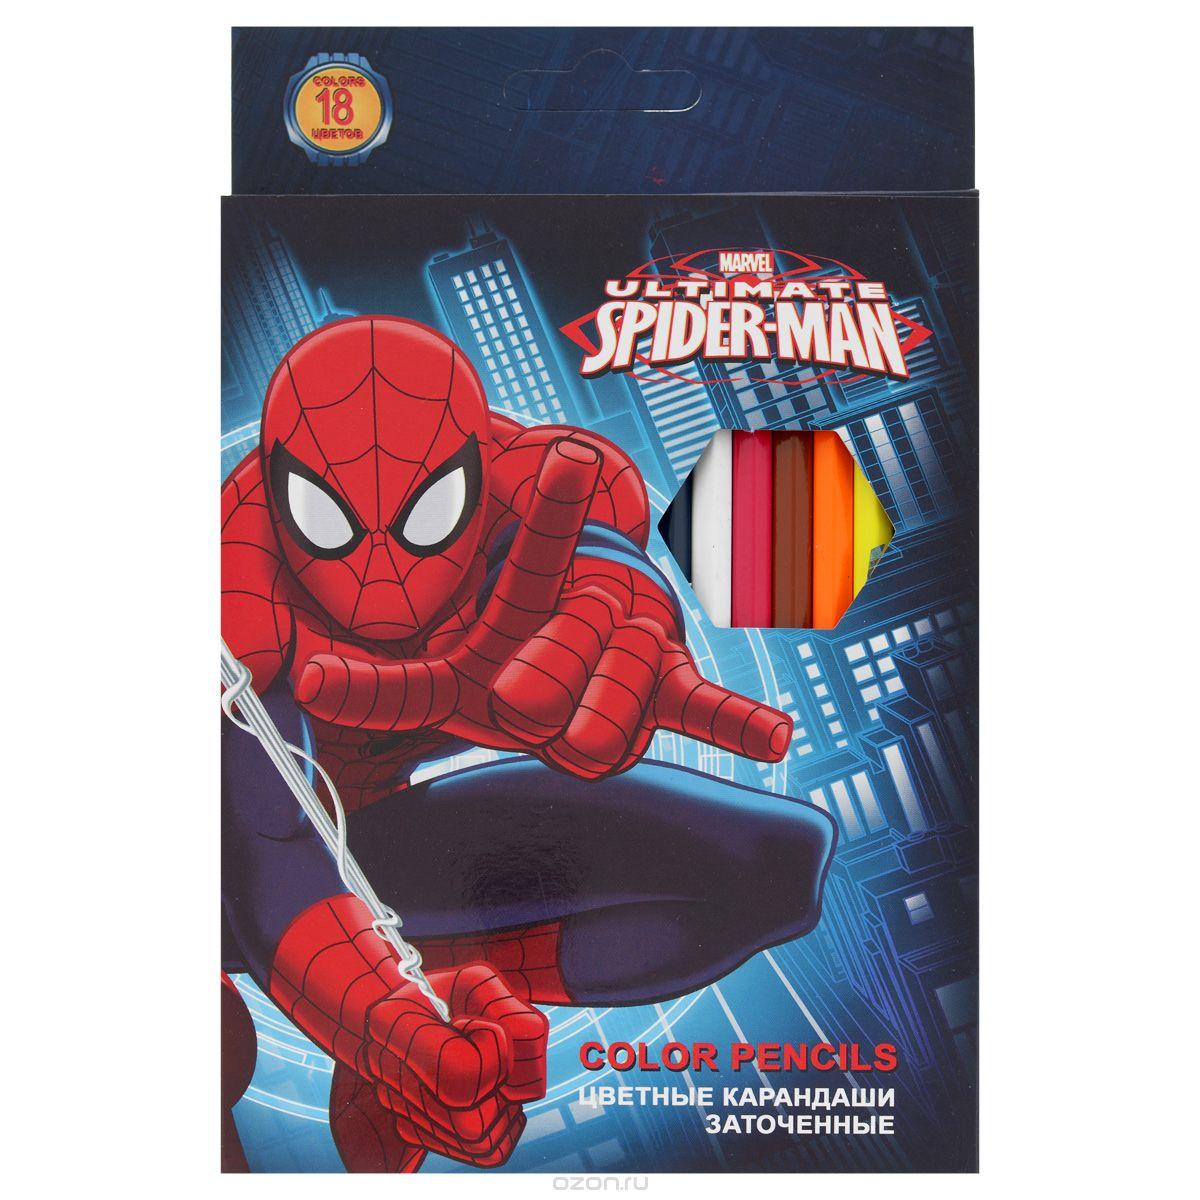 Набор цветных карандашей, 18 шт. Spider-man Classic72523WDНабор цветных карандашей 18 цветов. Яркие, насыщенные цвета, мягкое письмо. Прочный неломающийся грифель диаметром 3 мм. Высококачественная древесина. Двойная проклейка стержня специальным клеем предотвращает поломку грифеля при падении. Легко затачим